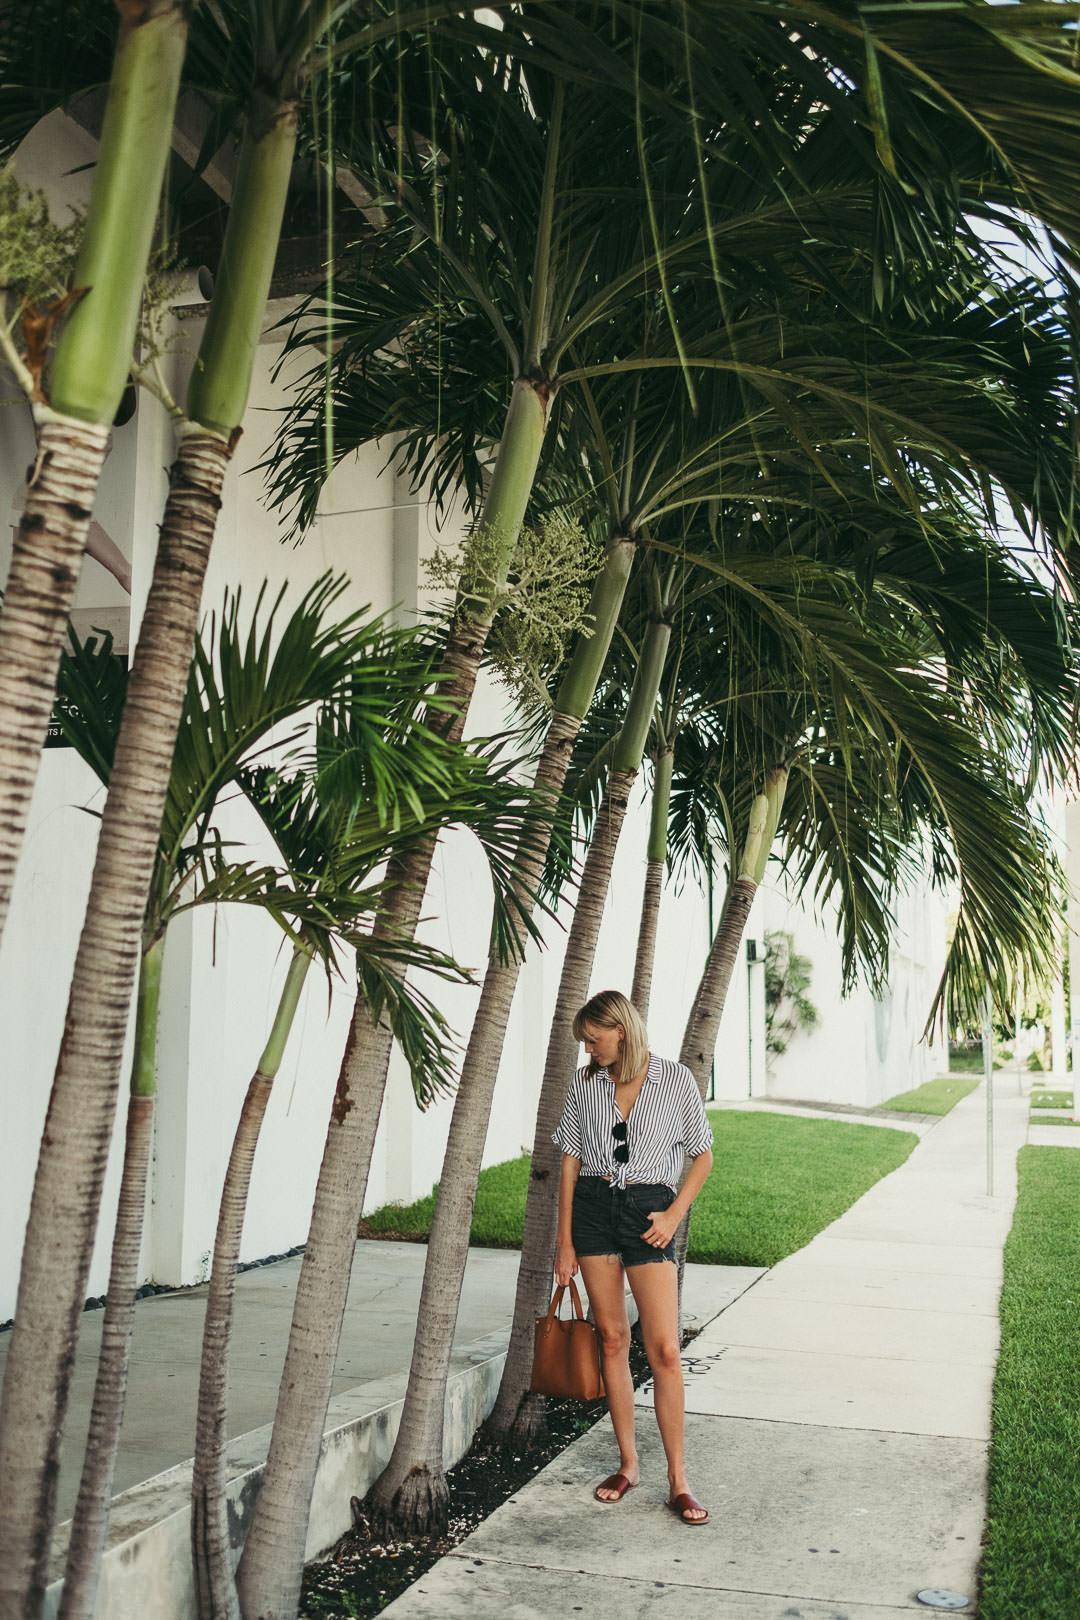 20180804_Miami City Guide - Ali Happer Photo_40.jpg